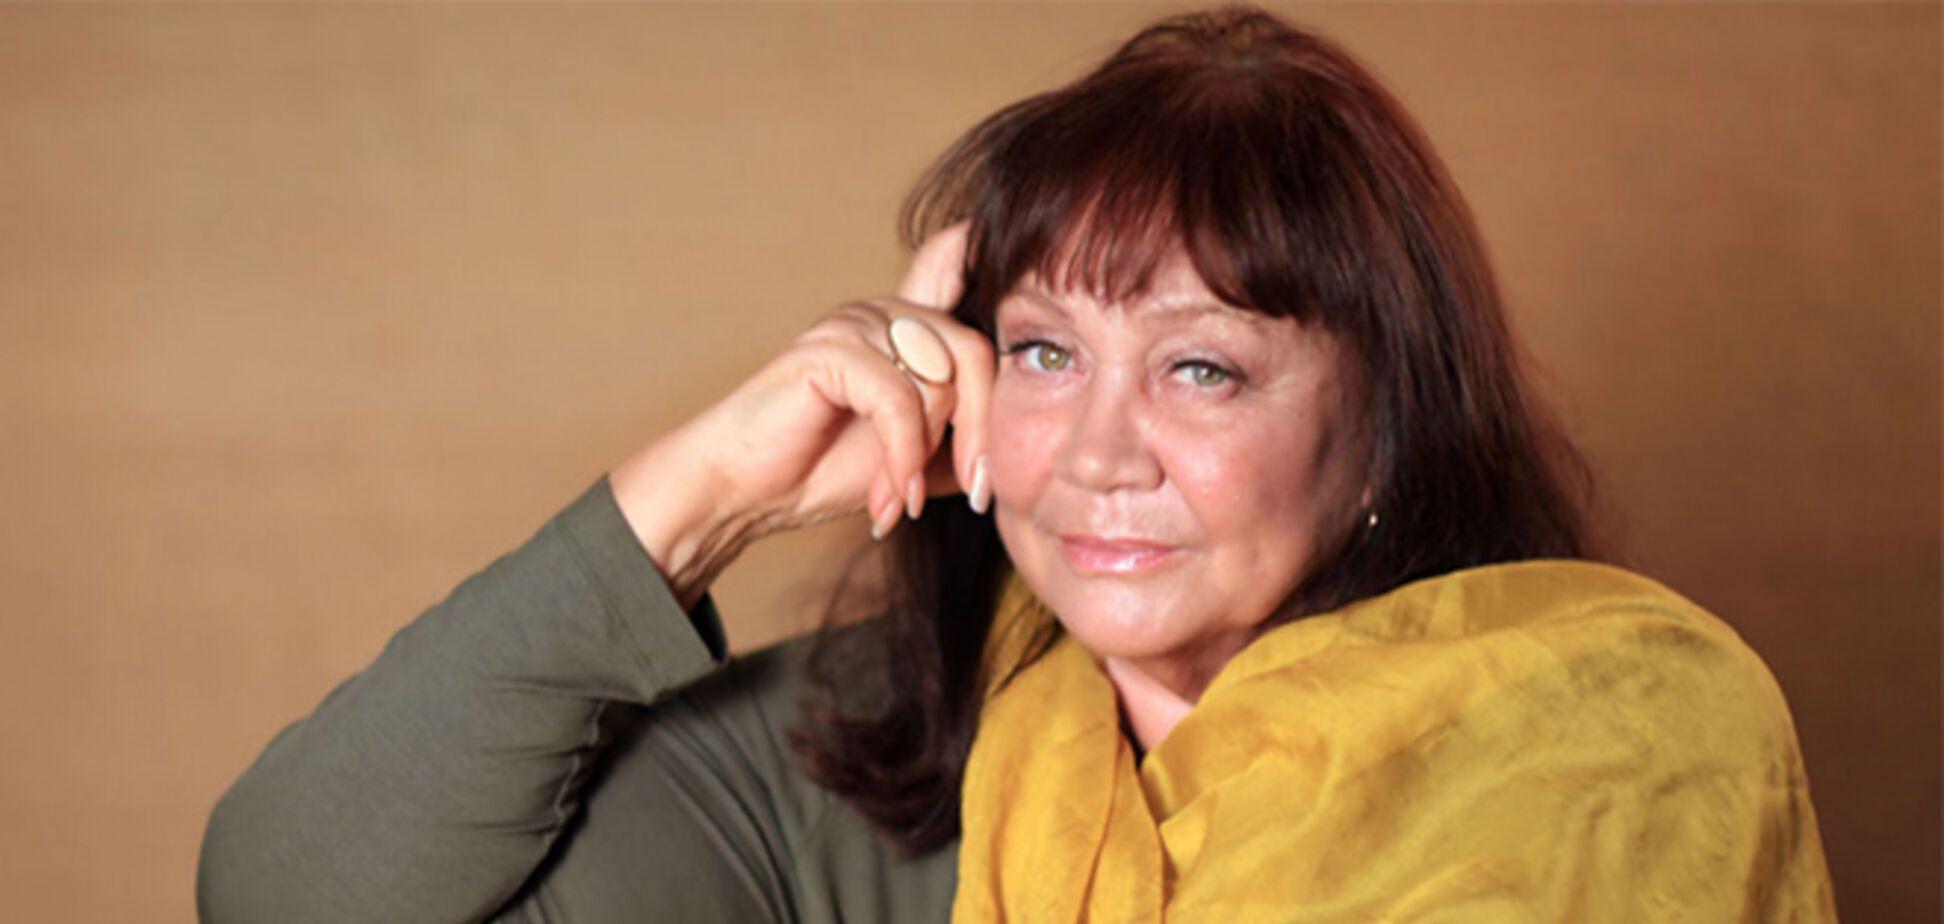 Кинозвезда СССР Лужина рассказала о трагедии в семье: виновен коронавирус